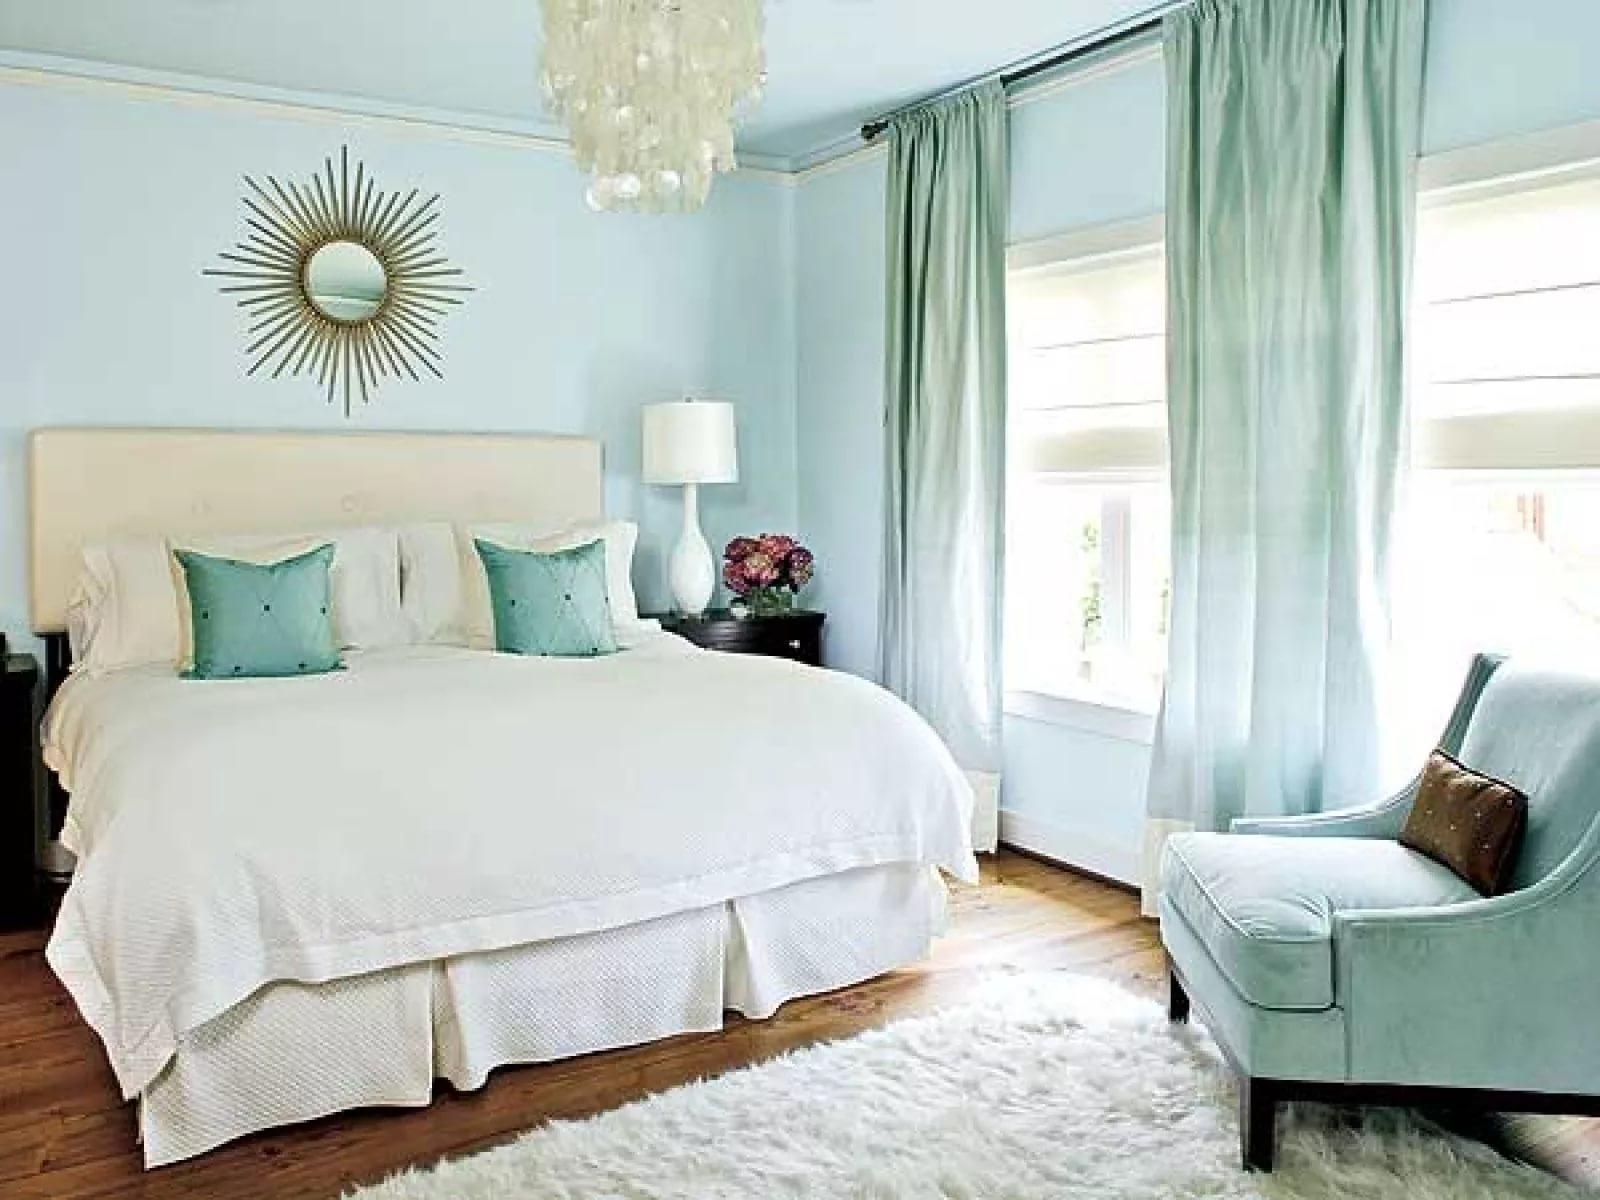 Серые шторы в интерьере гостиной (60 фото): бело-серебристые шторы в зале, серо-бирюзовые, серо-голубые, серо-бежевые комбинации в шторах